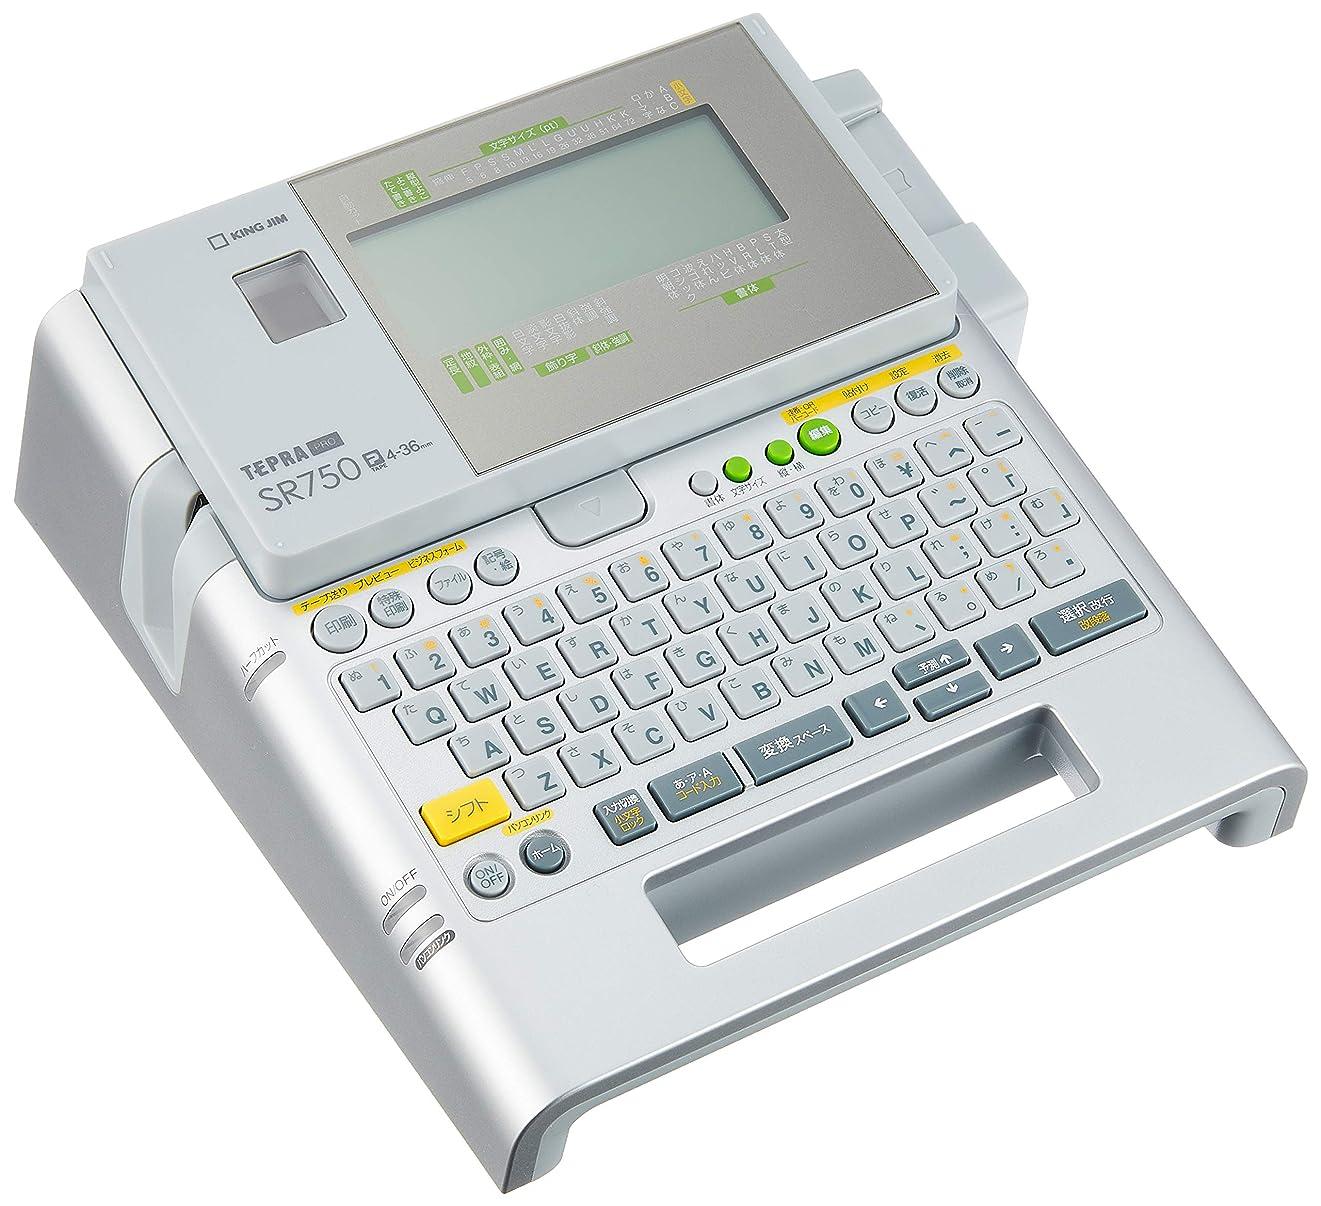 スチュワーデス奴隷ビリーヤギカシオ 電子辞書 エクスワード プロフェッショナルモデル XD-Y20000 コンテンツ200